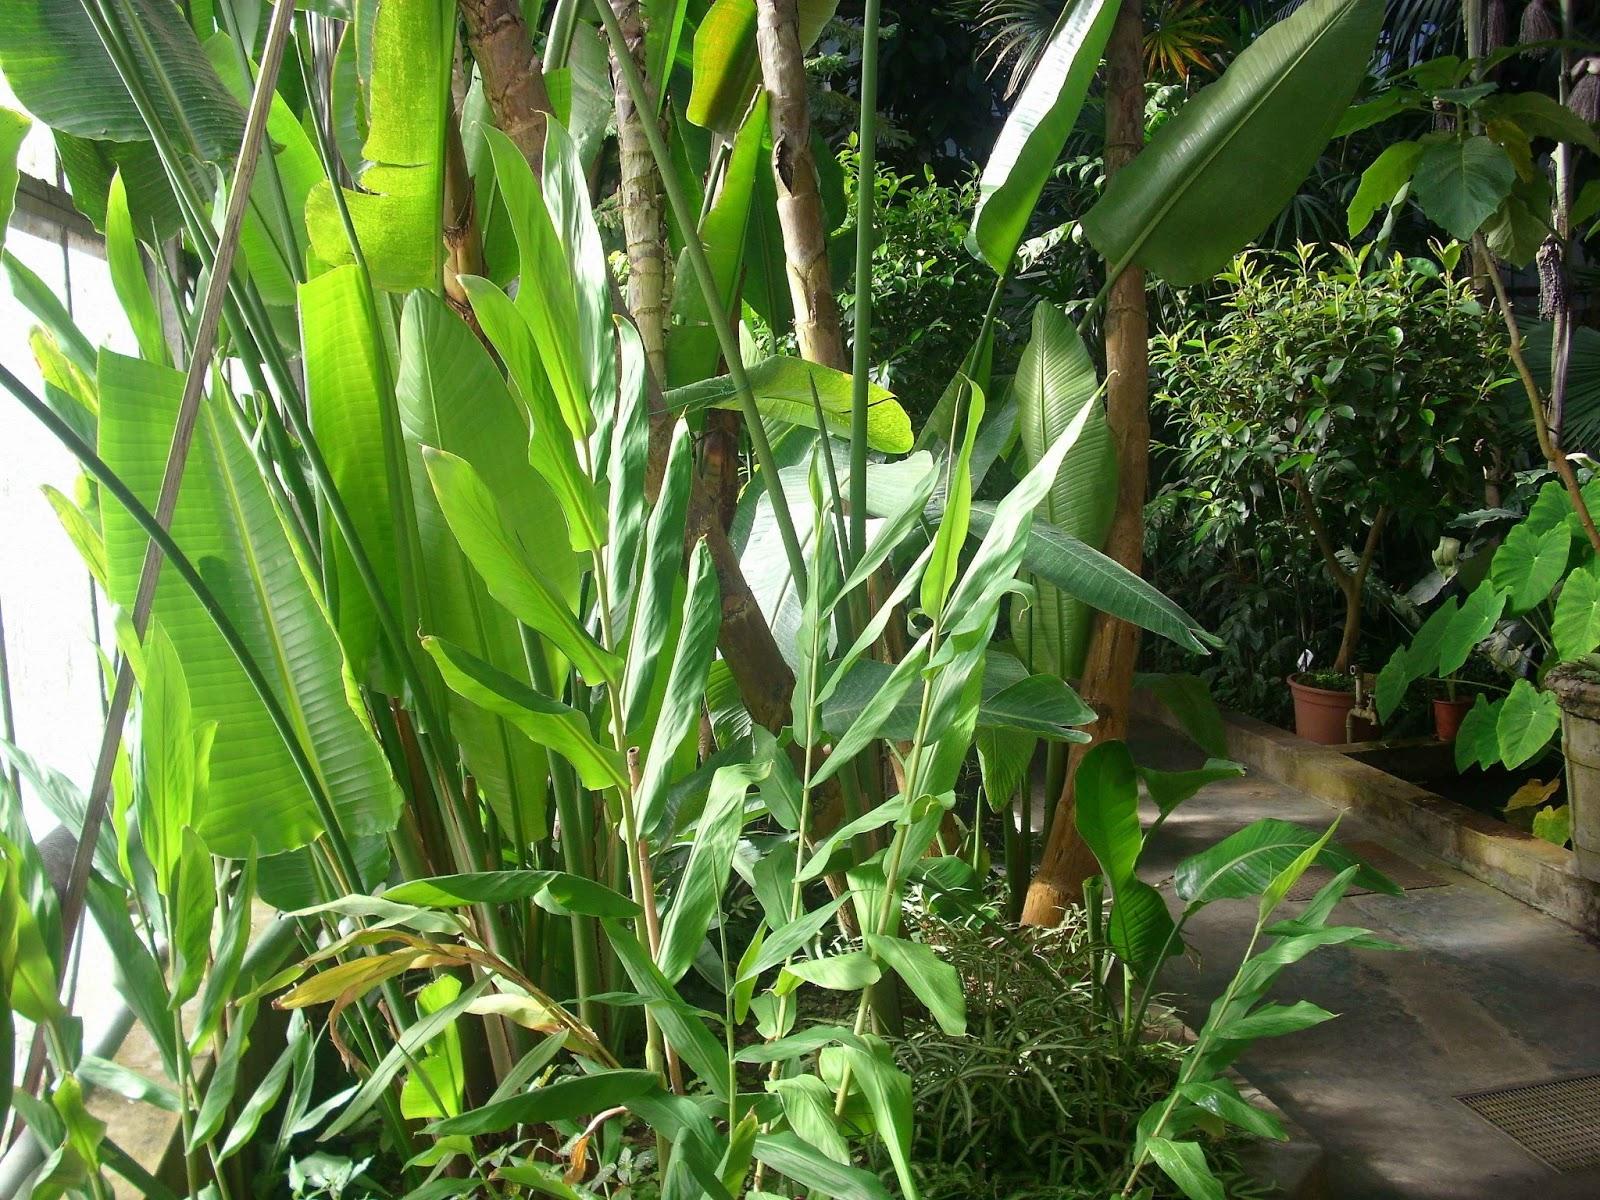 Piante da interno e da esterno nell 39 orto botanico di pavia for Piante grasse fiorite da esterno